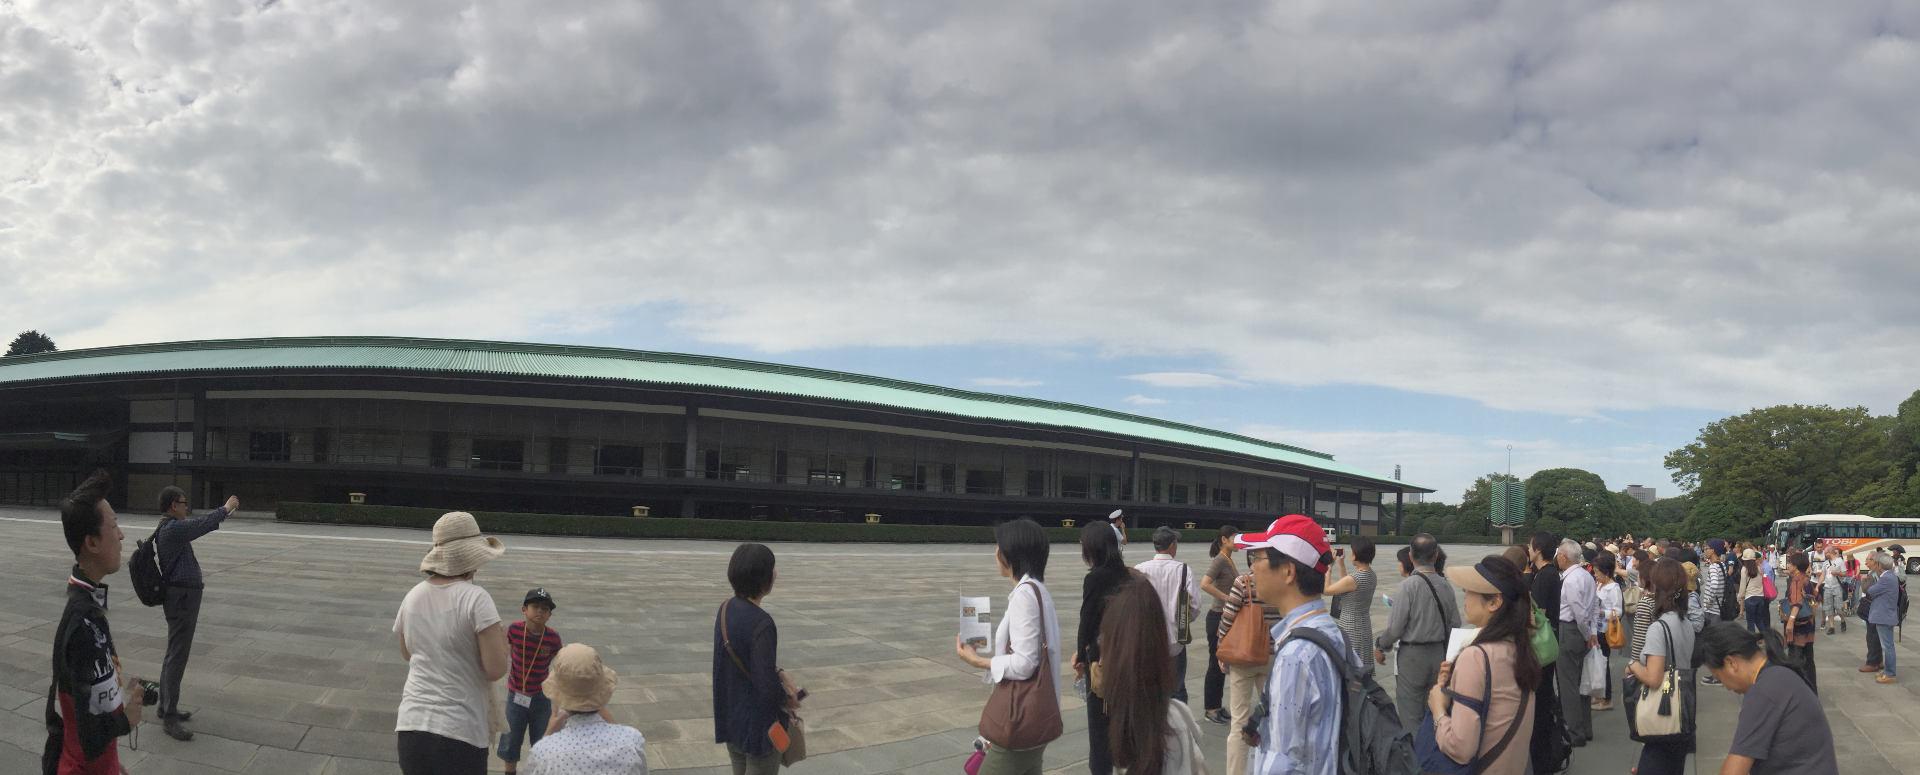 dzielnica Chiyoda Tokio wycieczka do Pałacu Cesarskiego iglawpodrozy iglawpodrozy